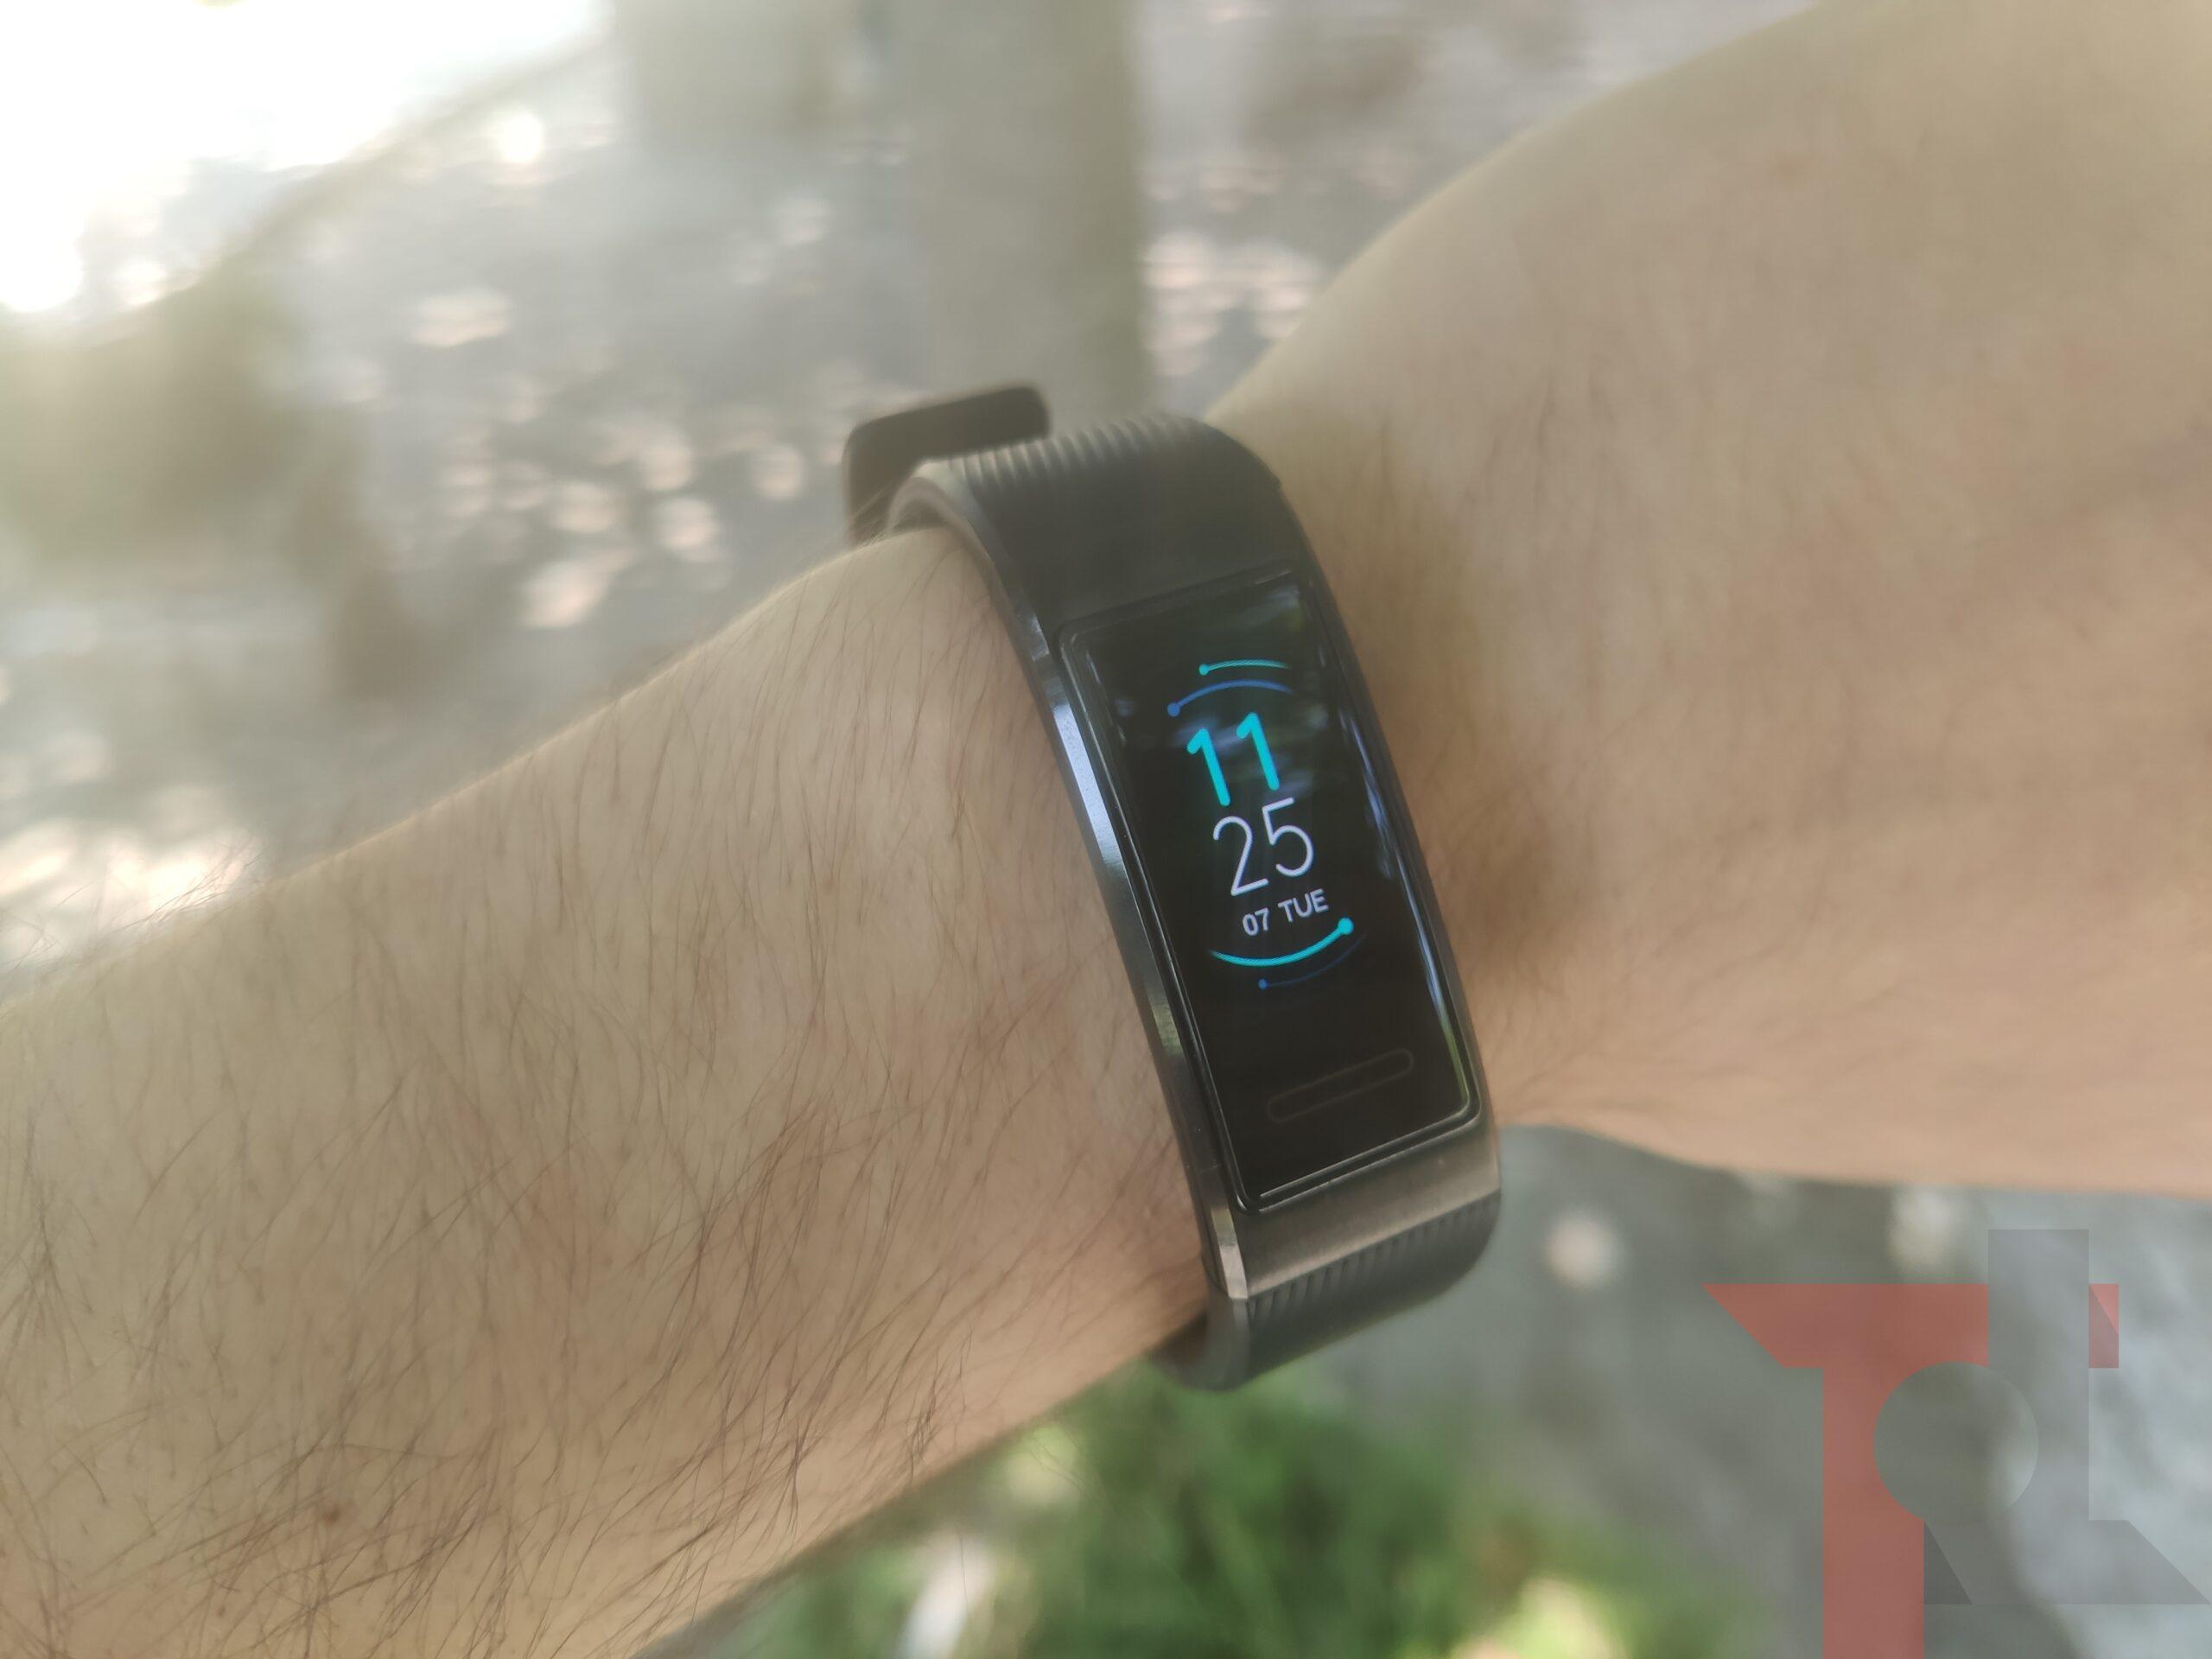 Nuova smartband? Su eBay c'è Huawei Band 4 Pro a un prezzo niente male